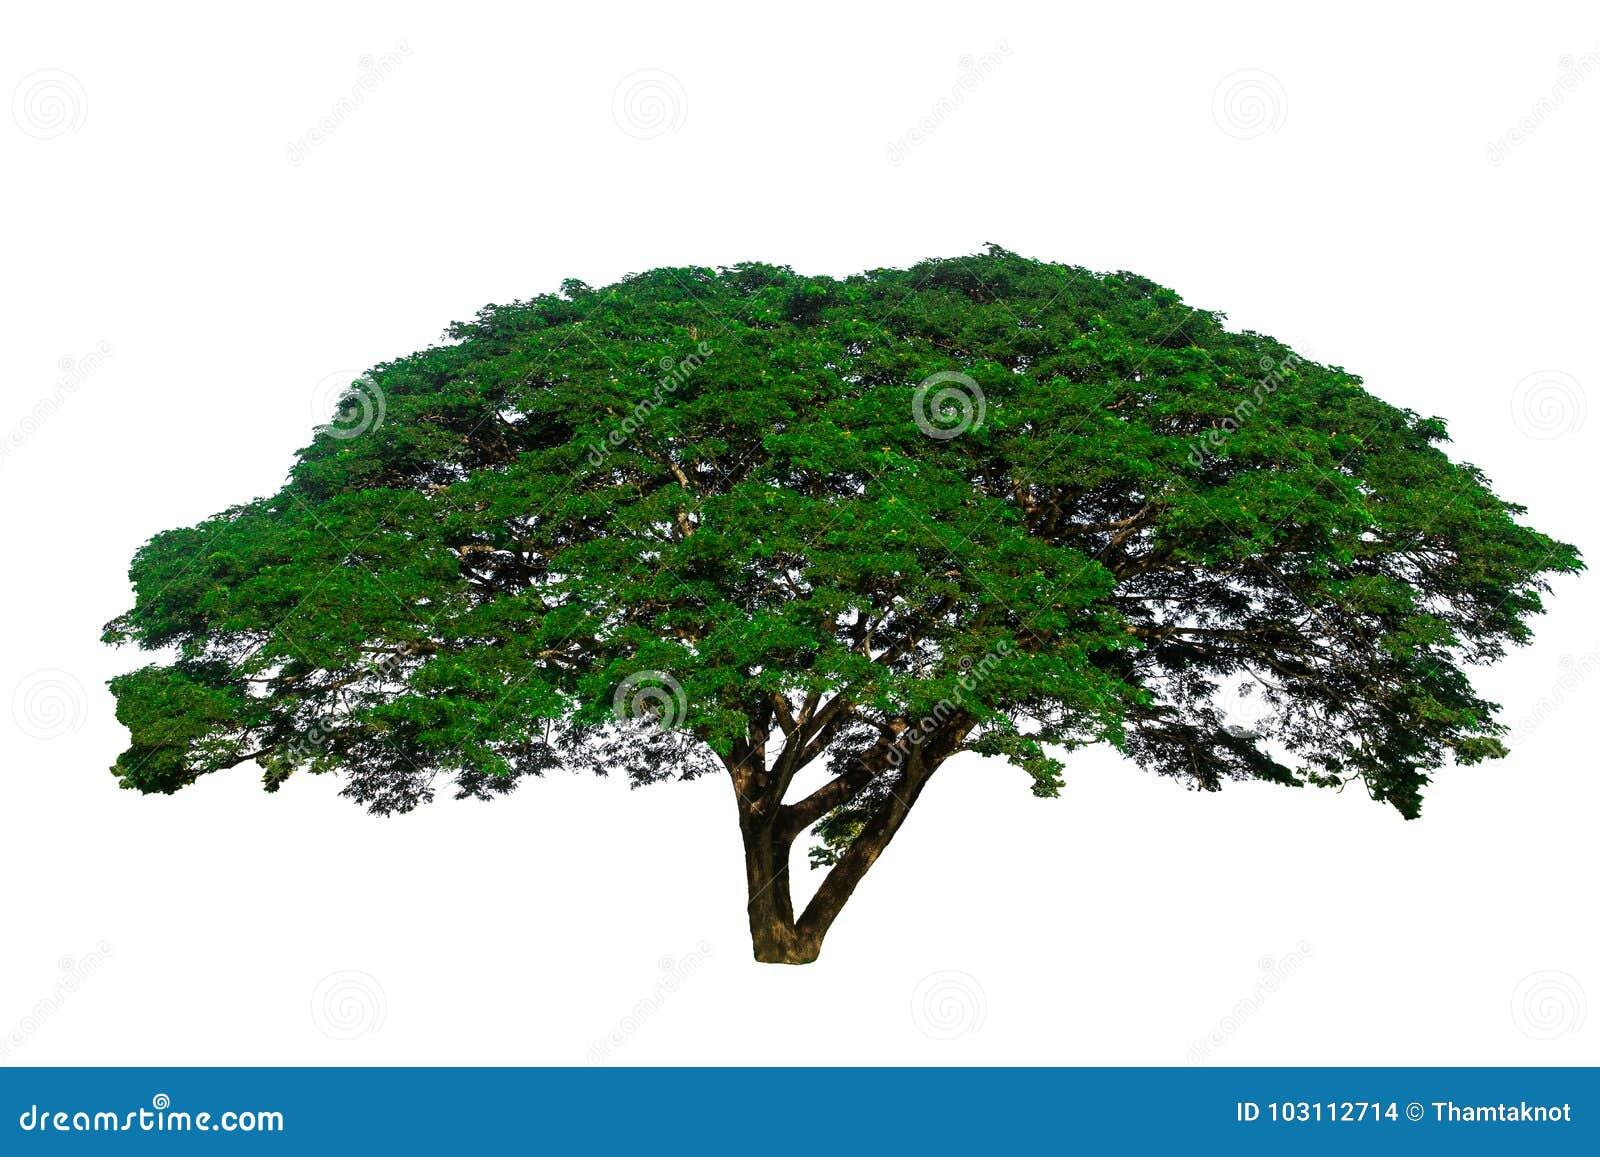 Lokalisiert auf dem weißen Hintergrund des großen Baums benutzt, um zu entwerfen oder der Dekoration